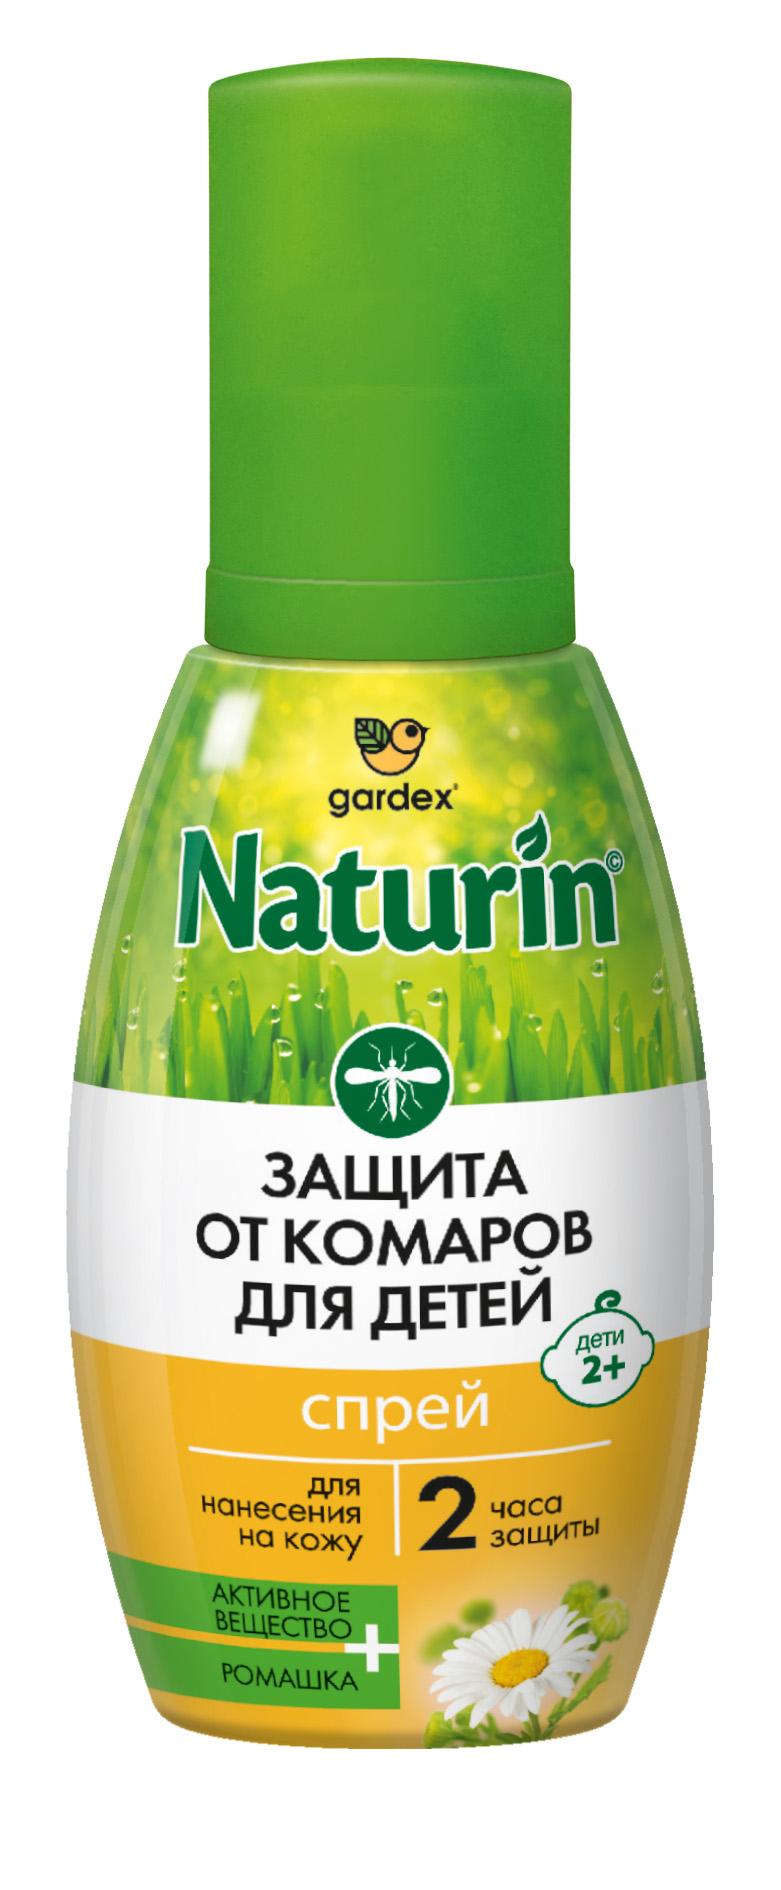 Спрей от комаров Naturin для детей